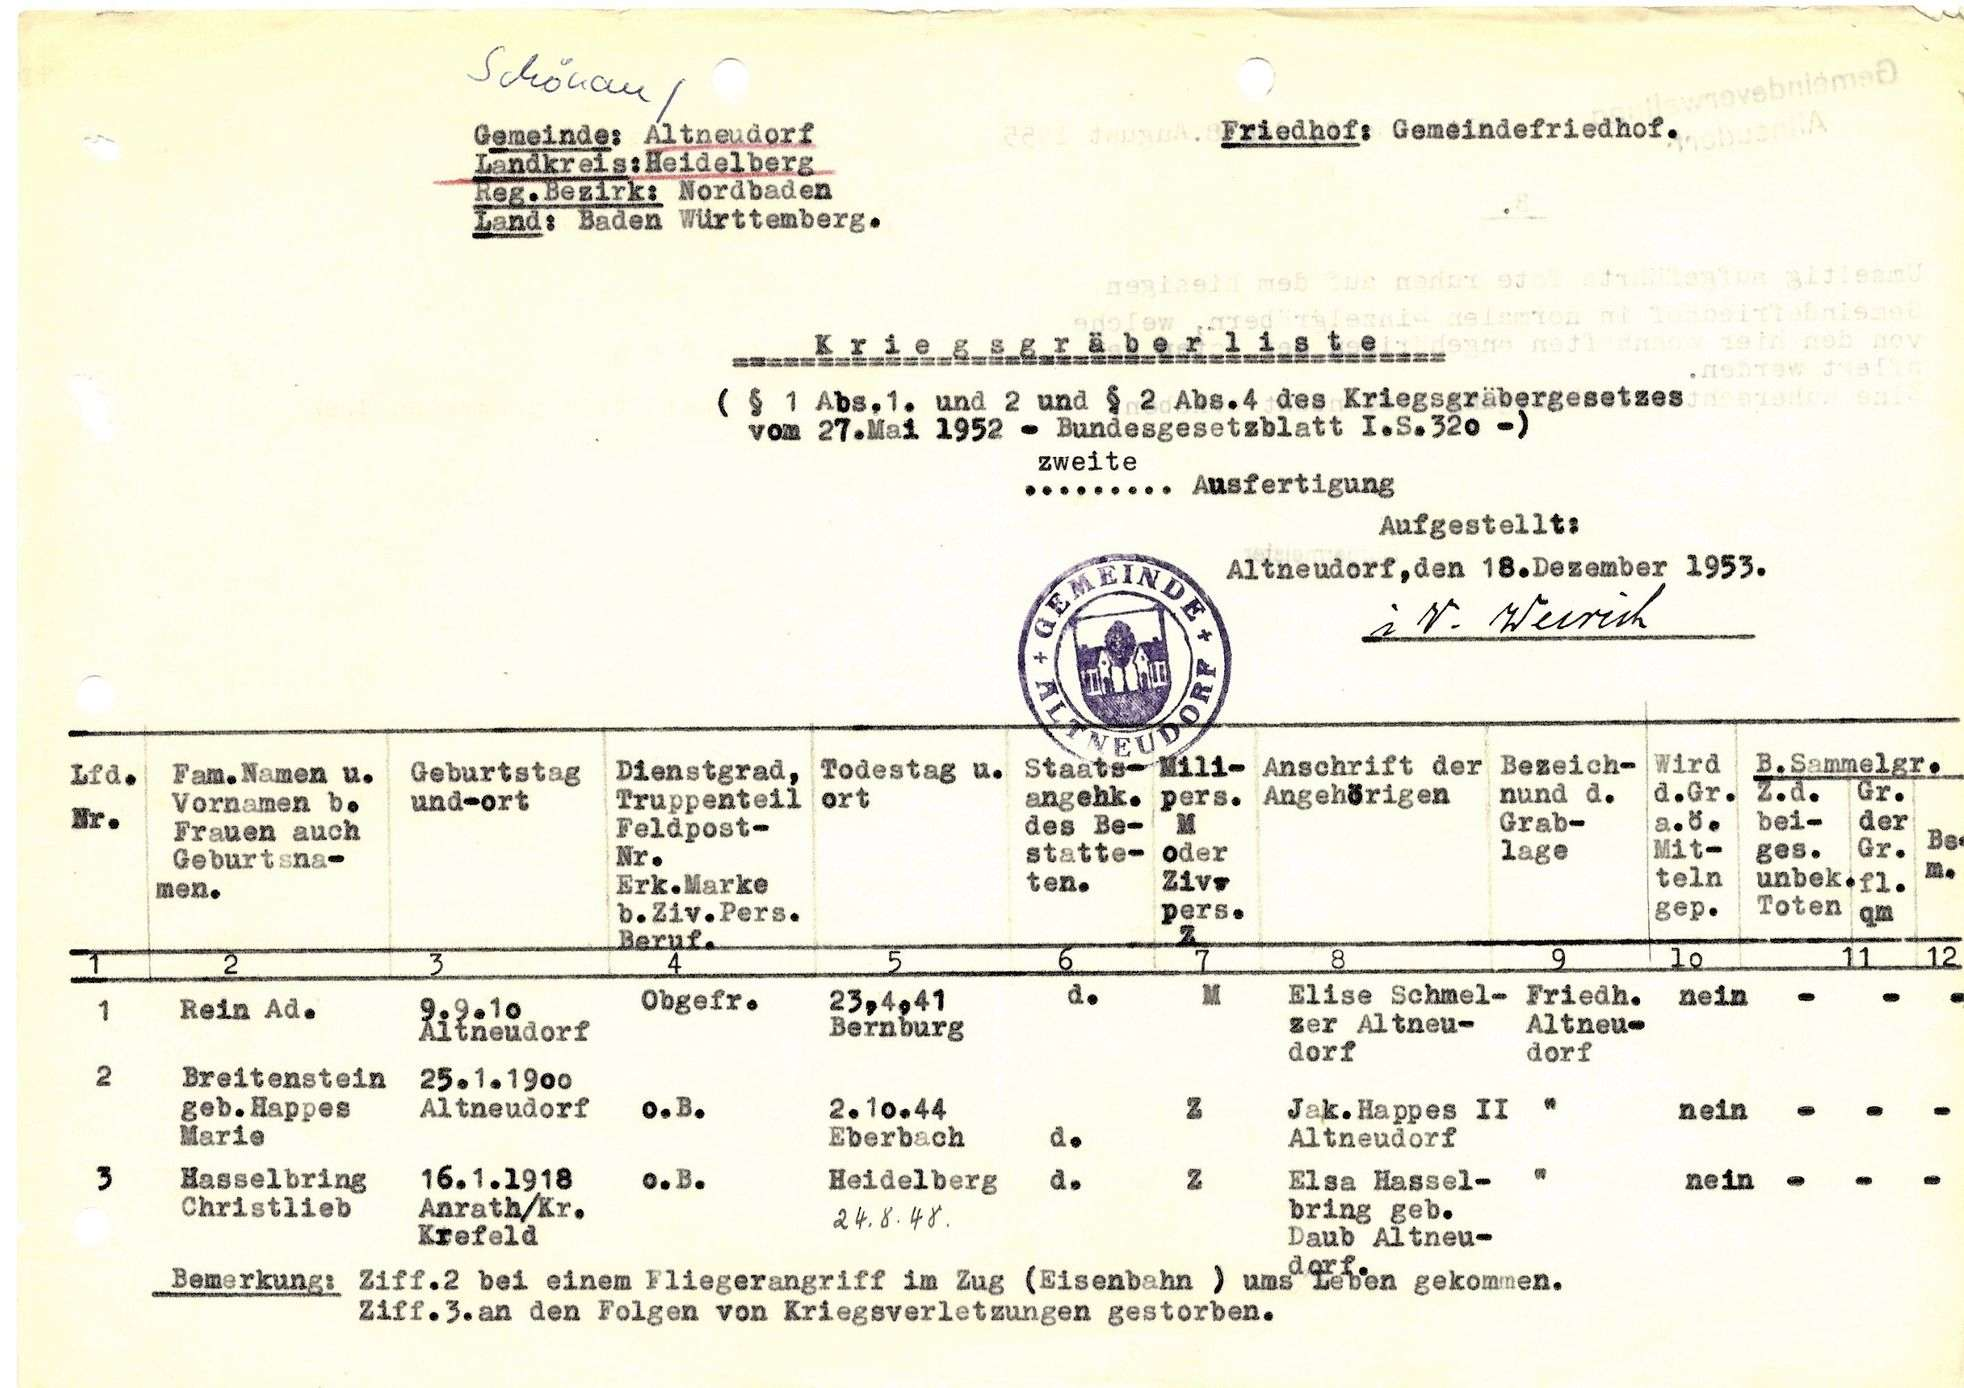 Altneudorf, Bild 1